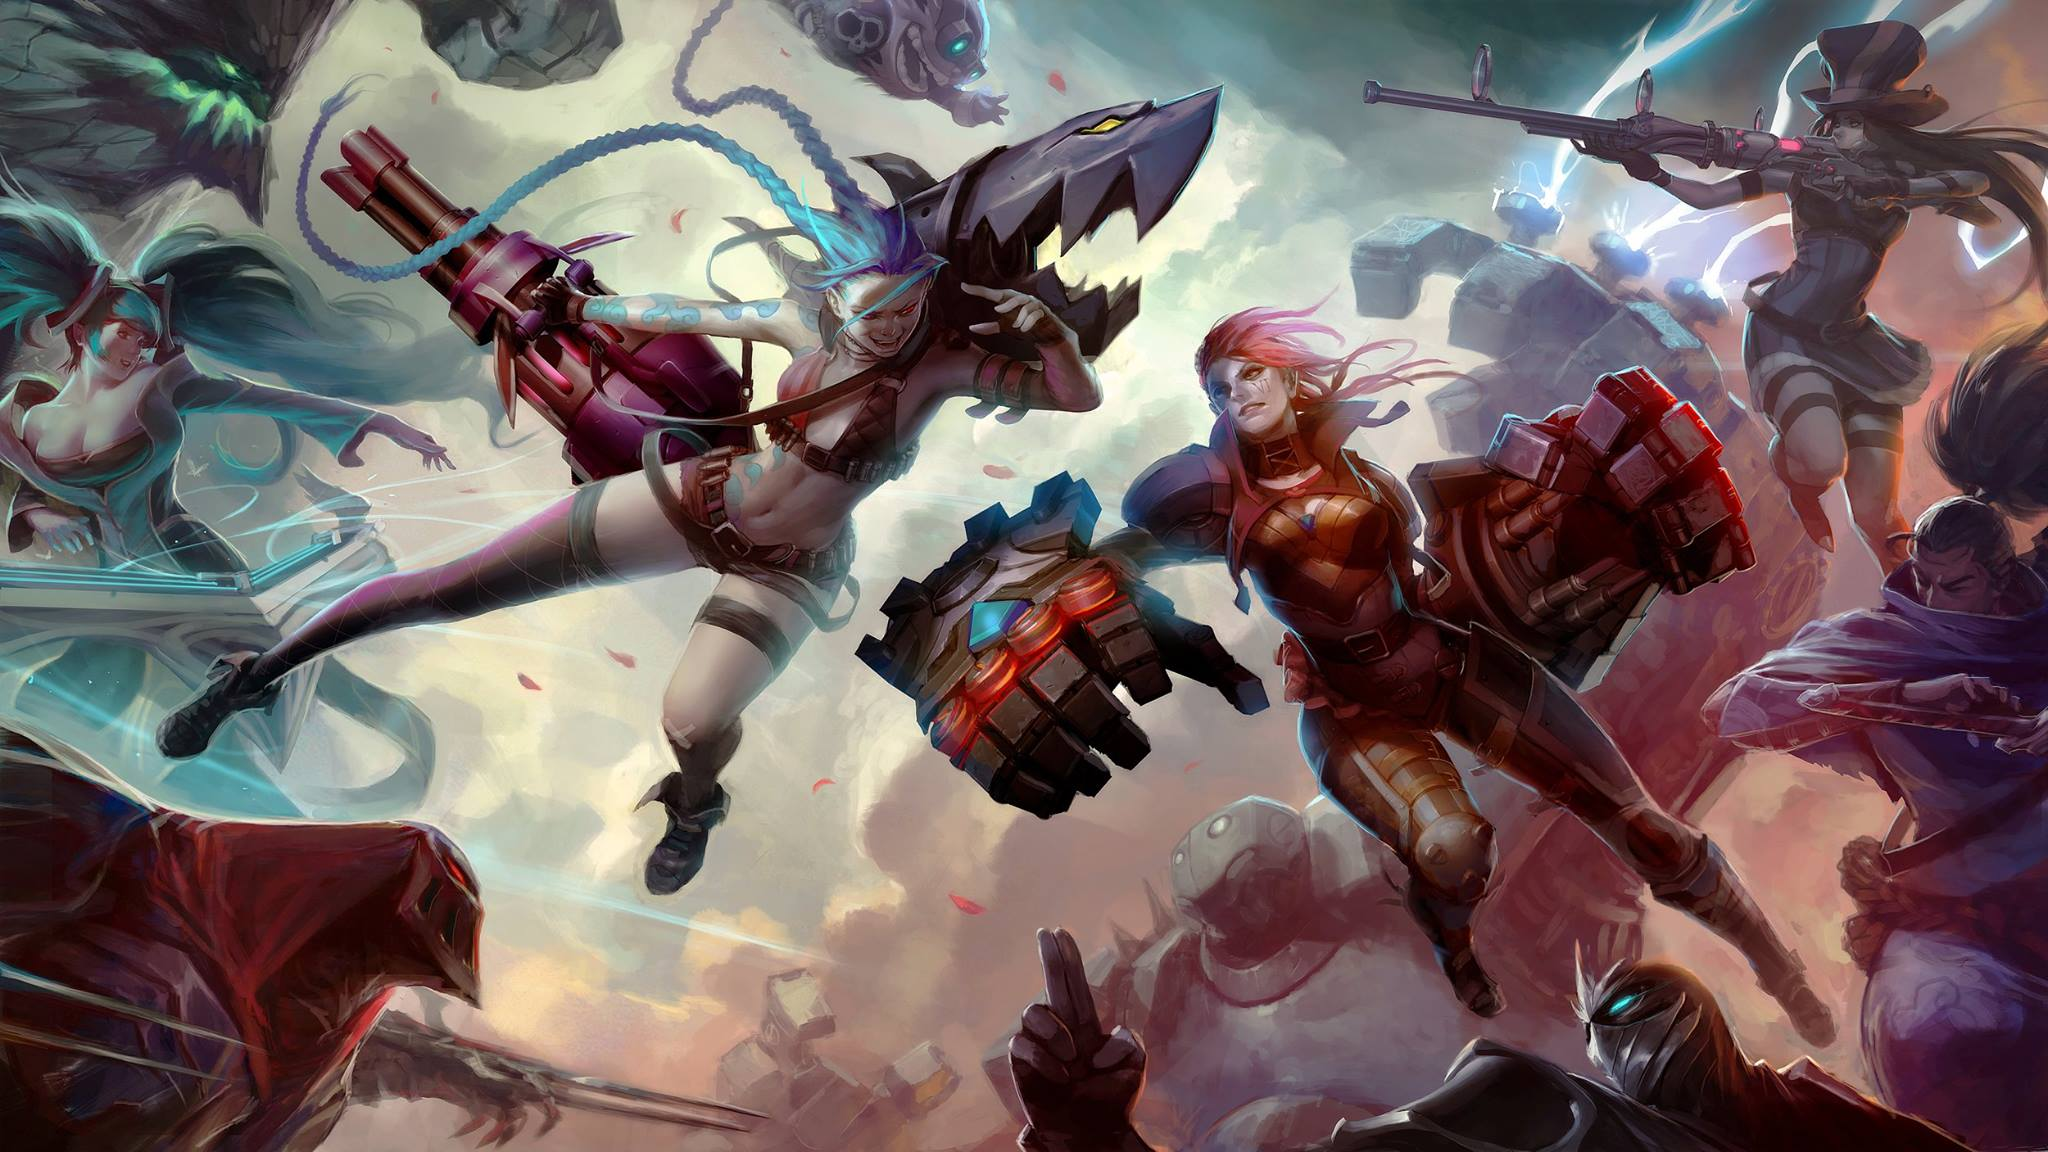 Jinx vs Vi Fan Art   League of Legends Wallpapers 2048x1152